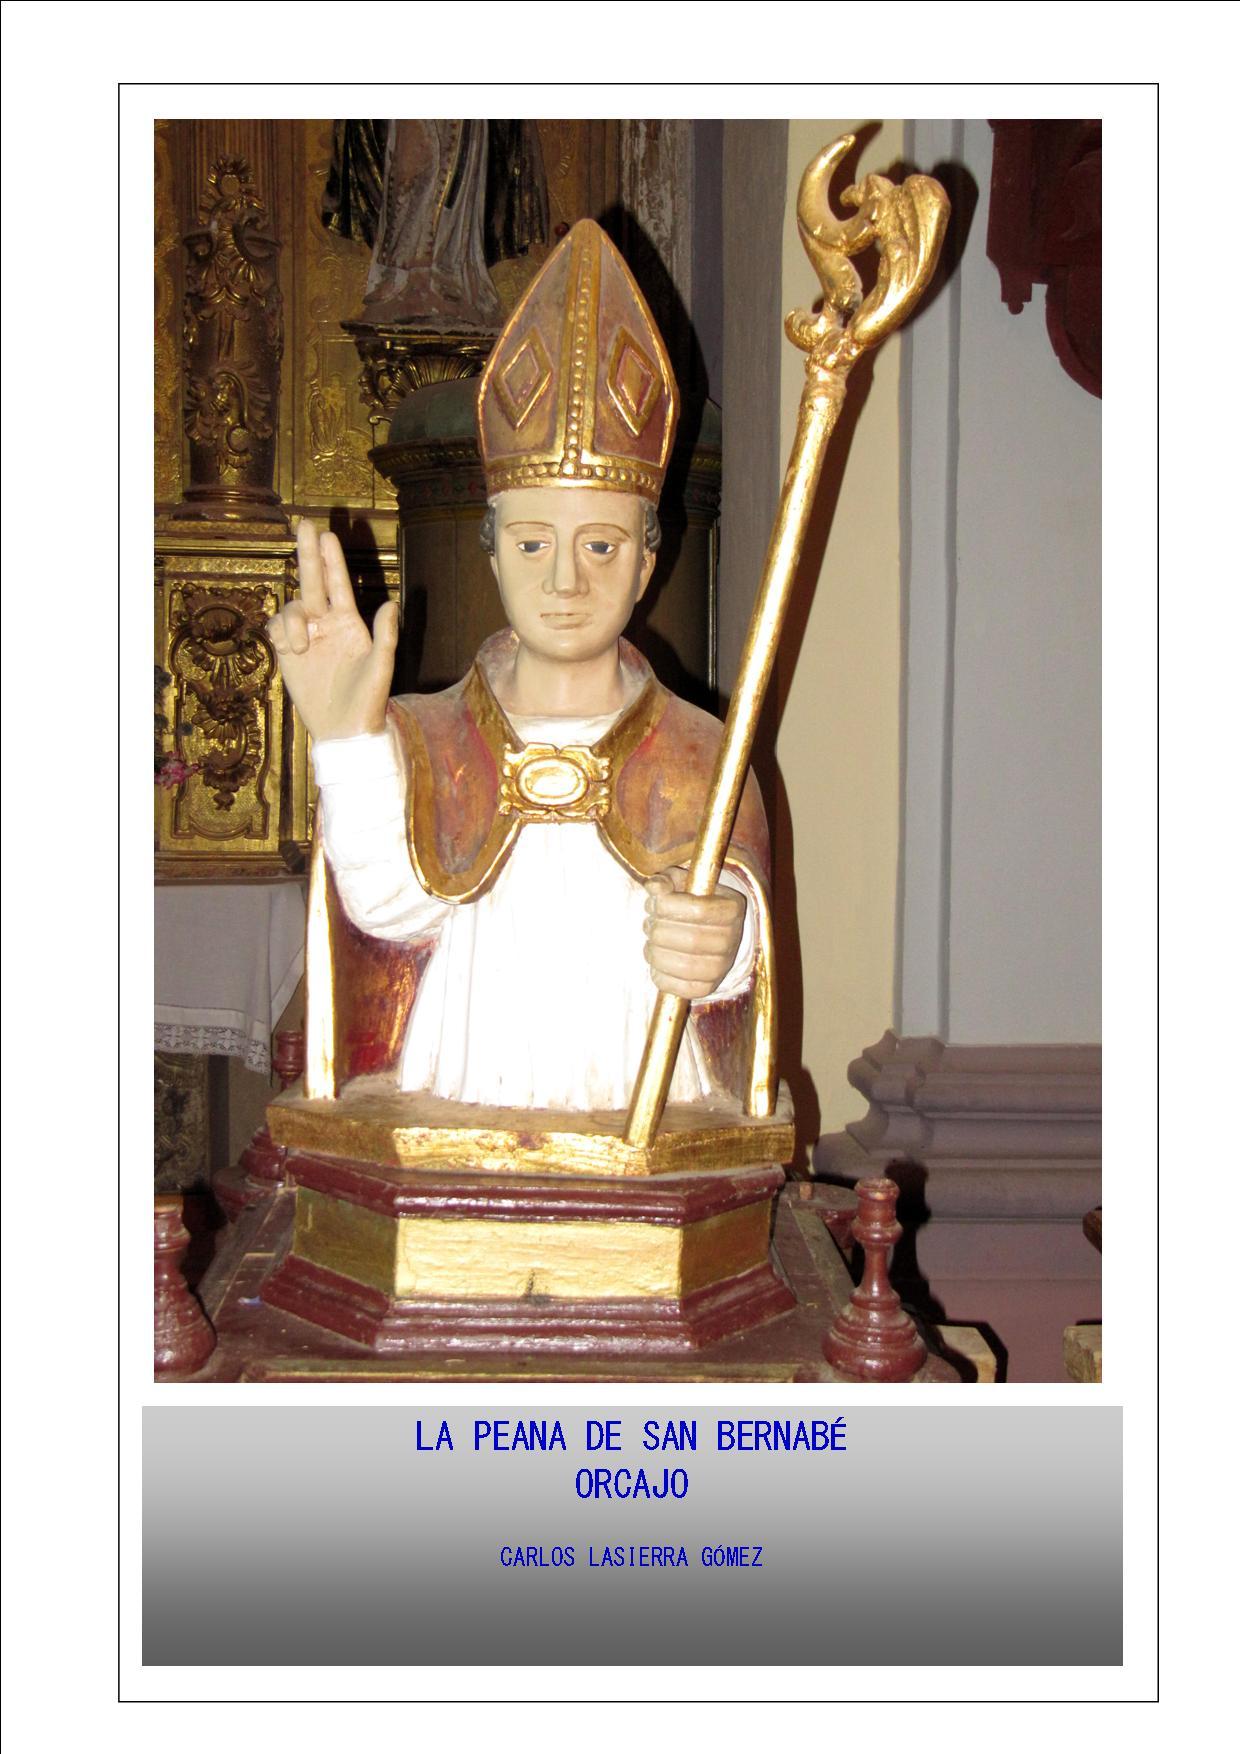 La Peana de San Bernabé.